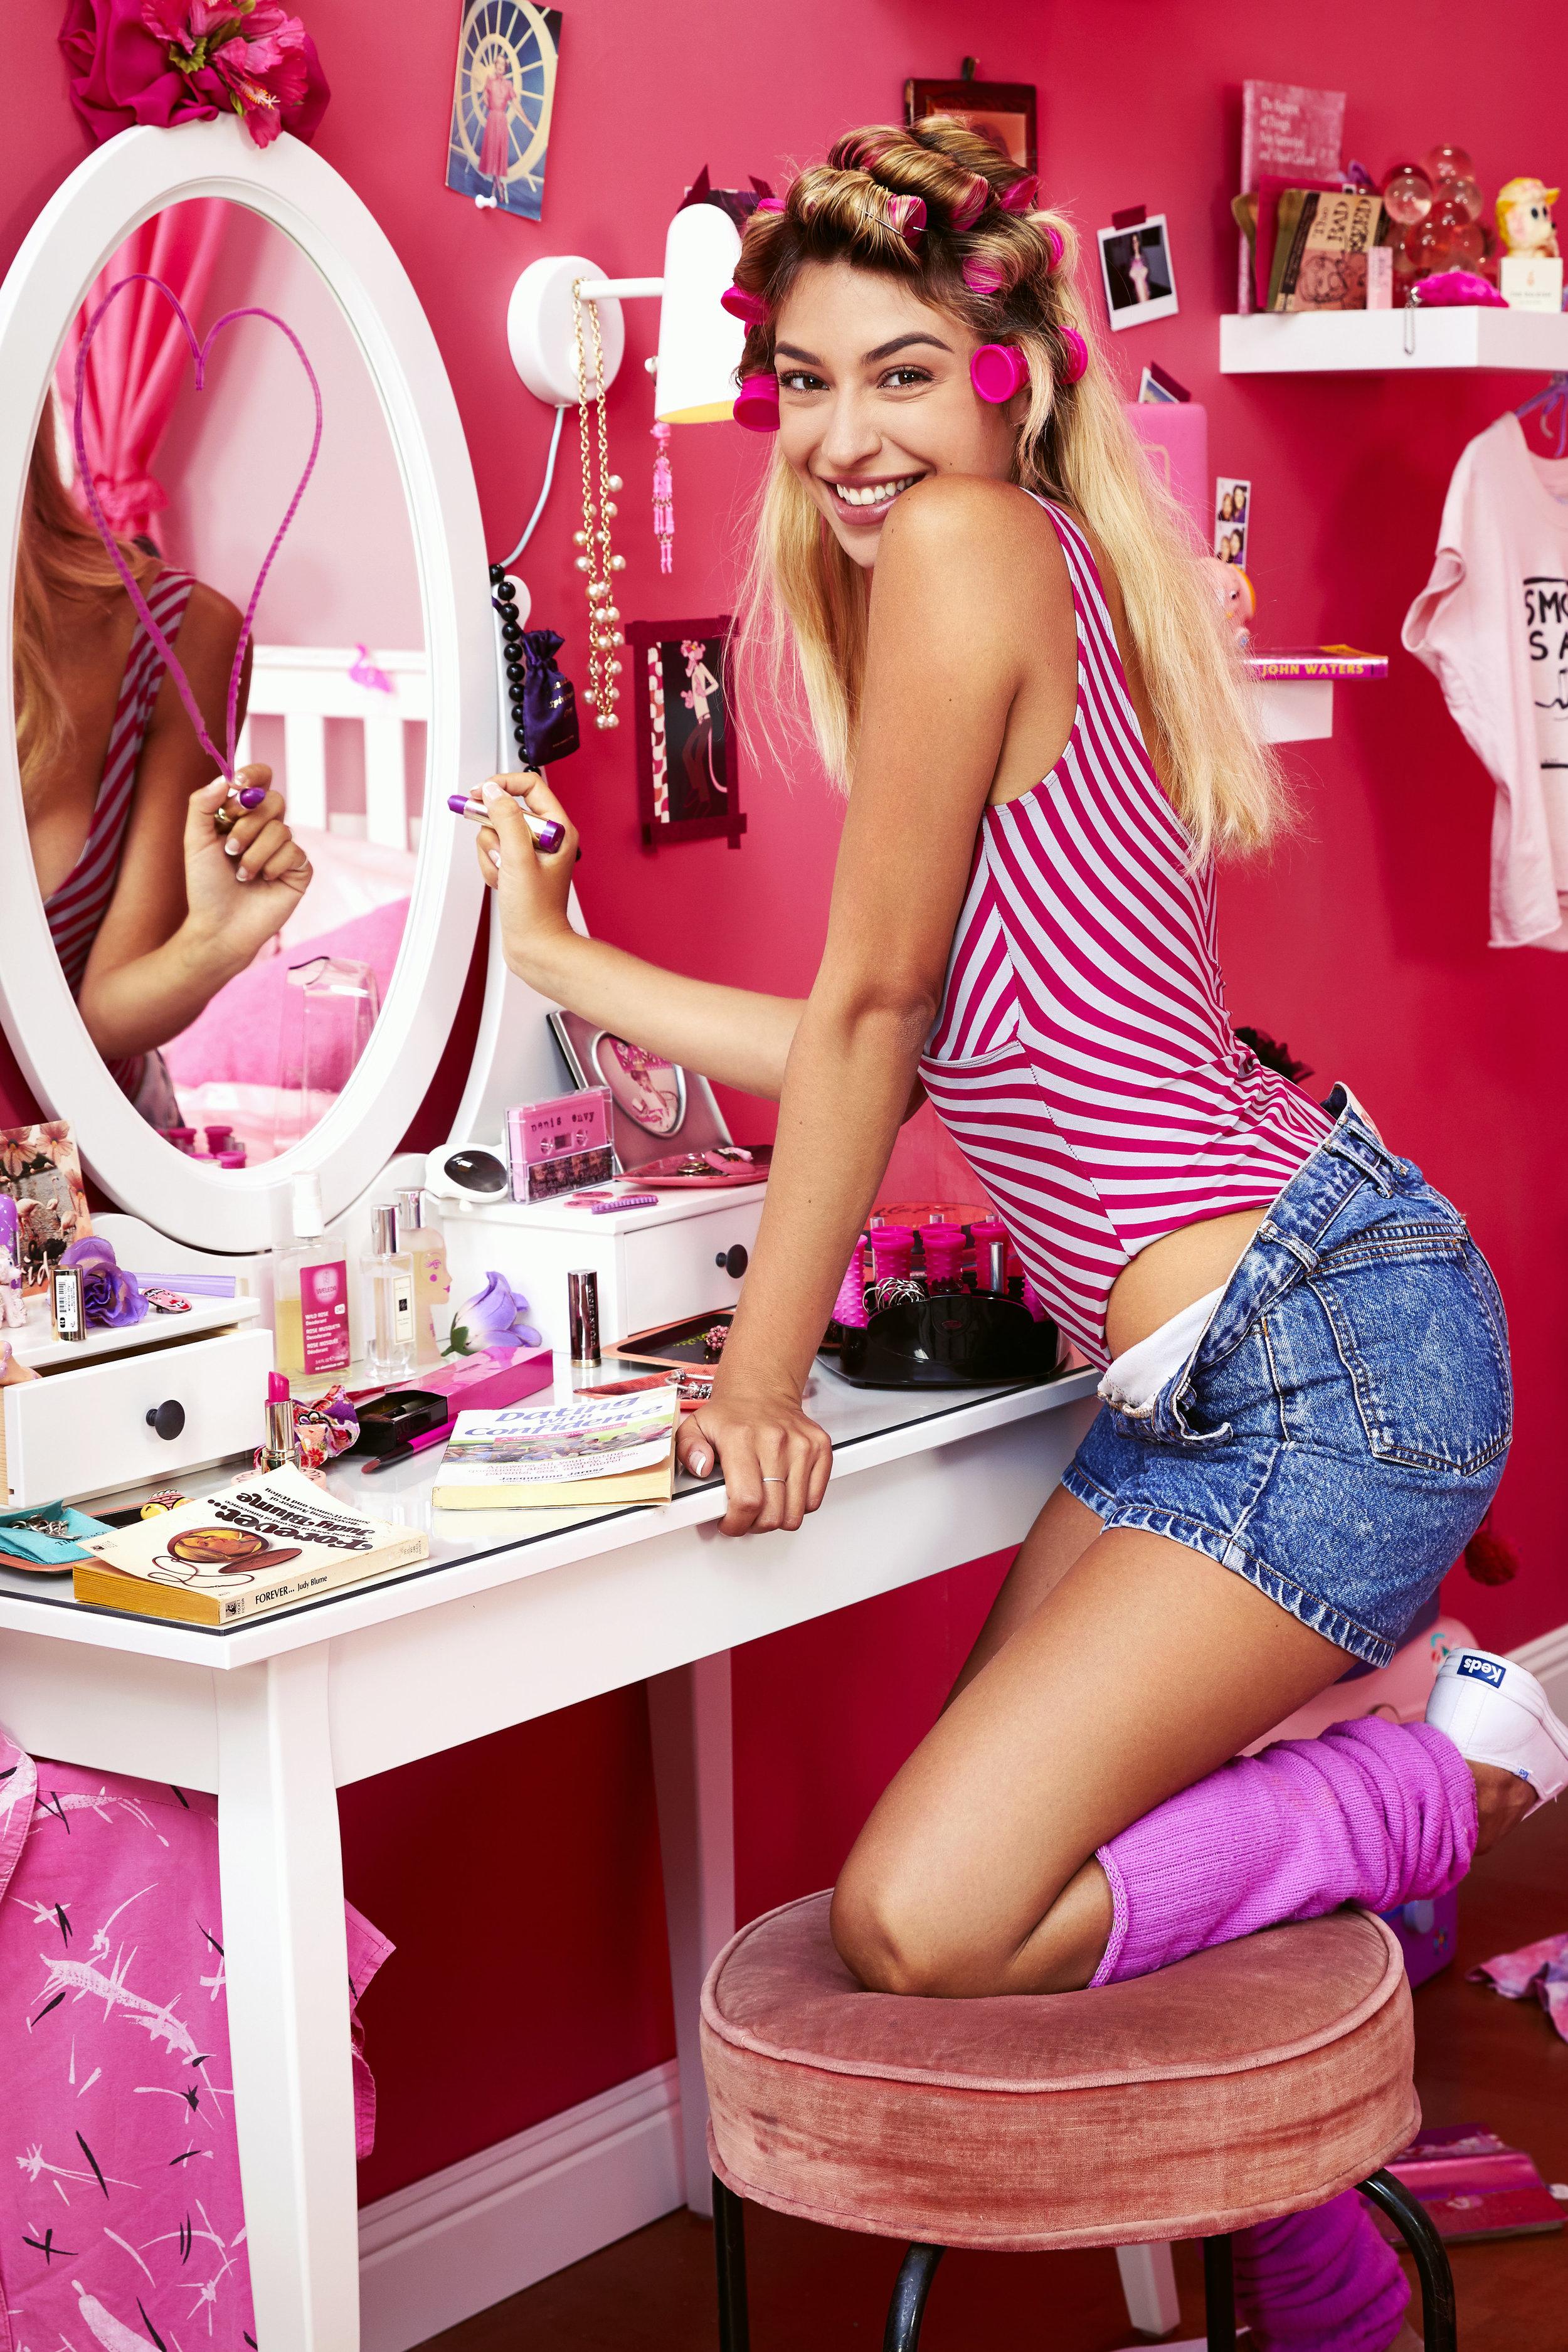 180826_pink_room_test_look1_0813_edit.jpg